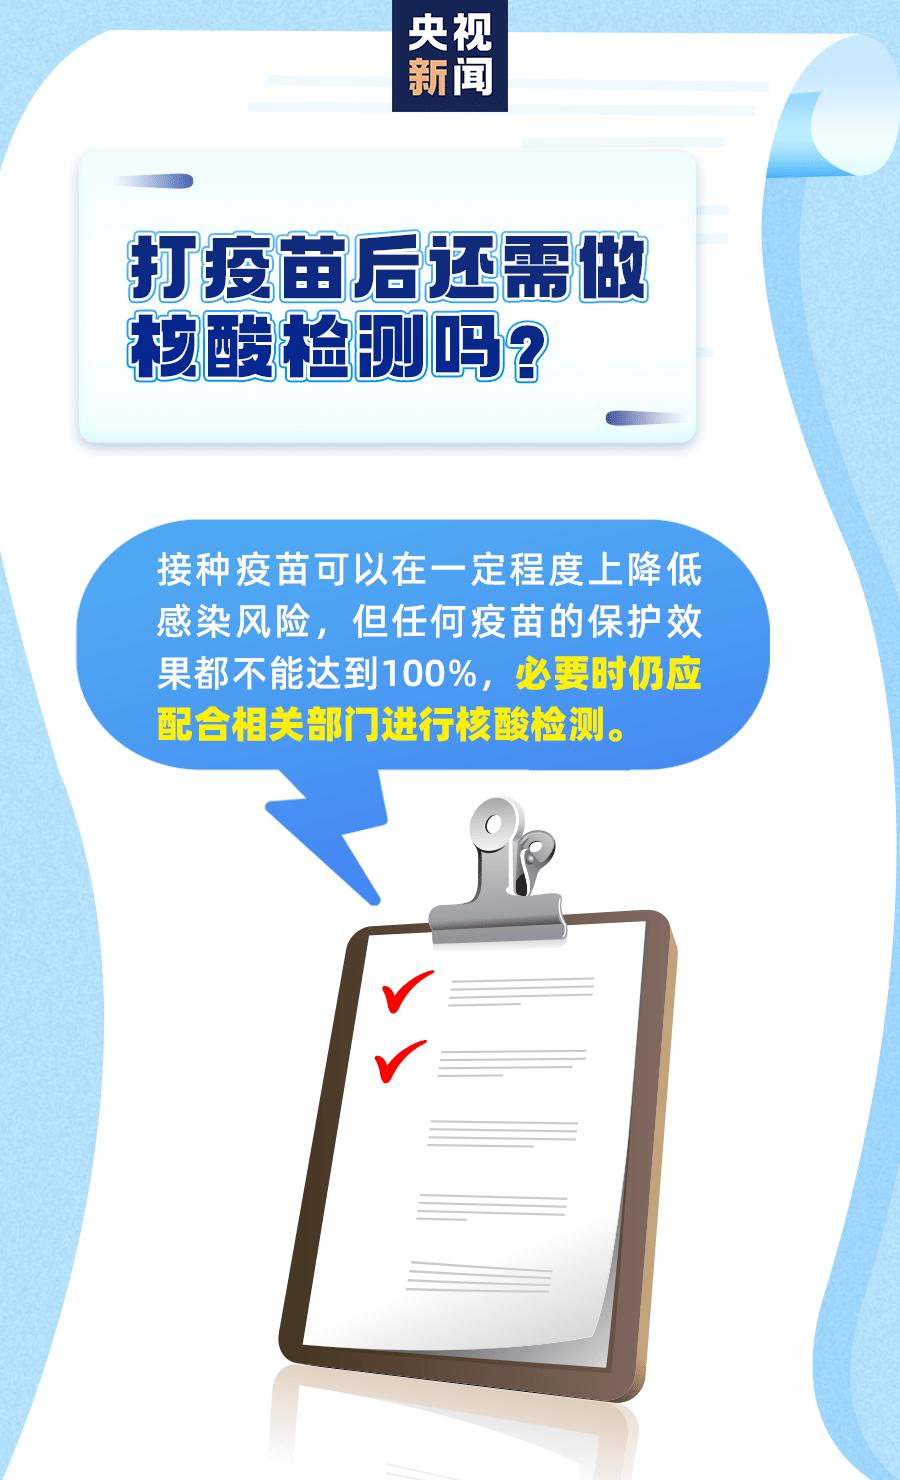 重庆人注意!第一批新冠疫苗接种点公布!疫苗怎么打?打几针?管多久?